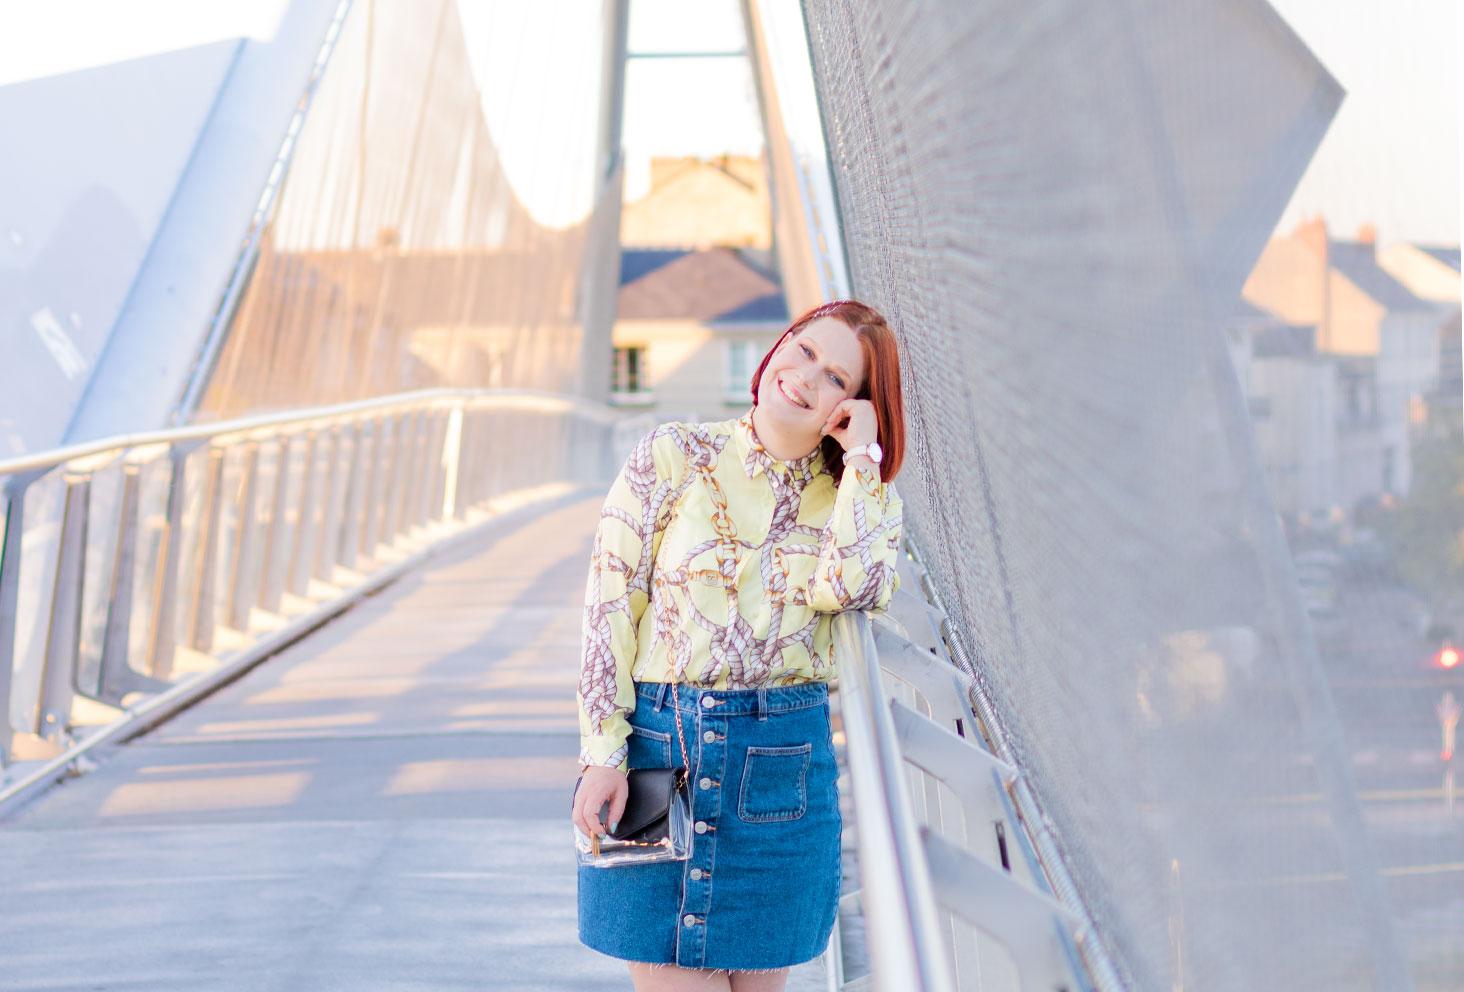 Accoudée au rebord en métal de la passerelle street de la gare de Tours, en jupe en jean à boutons et chemise jaune fluide